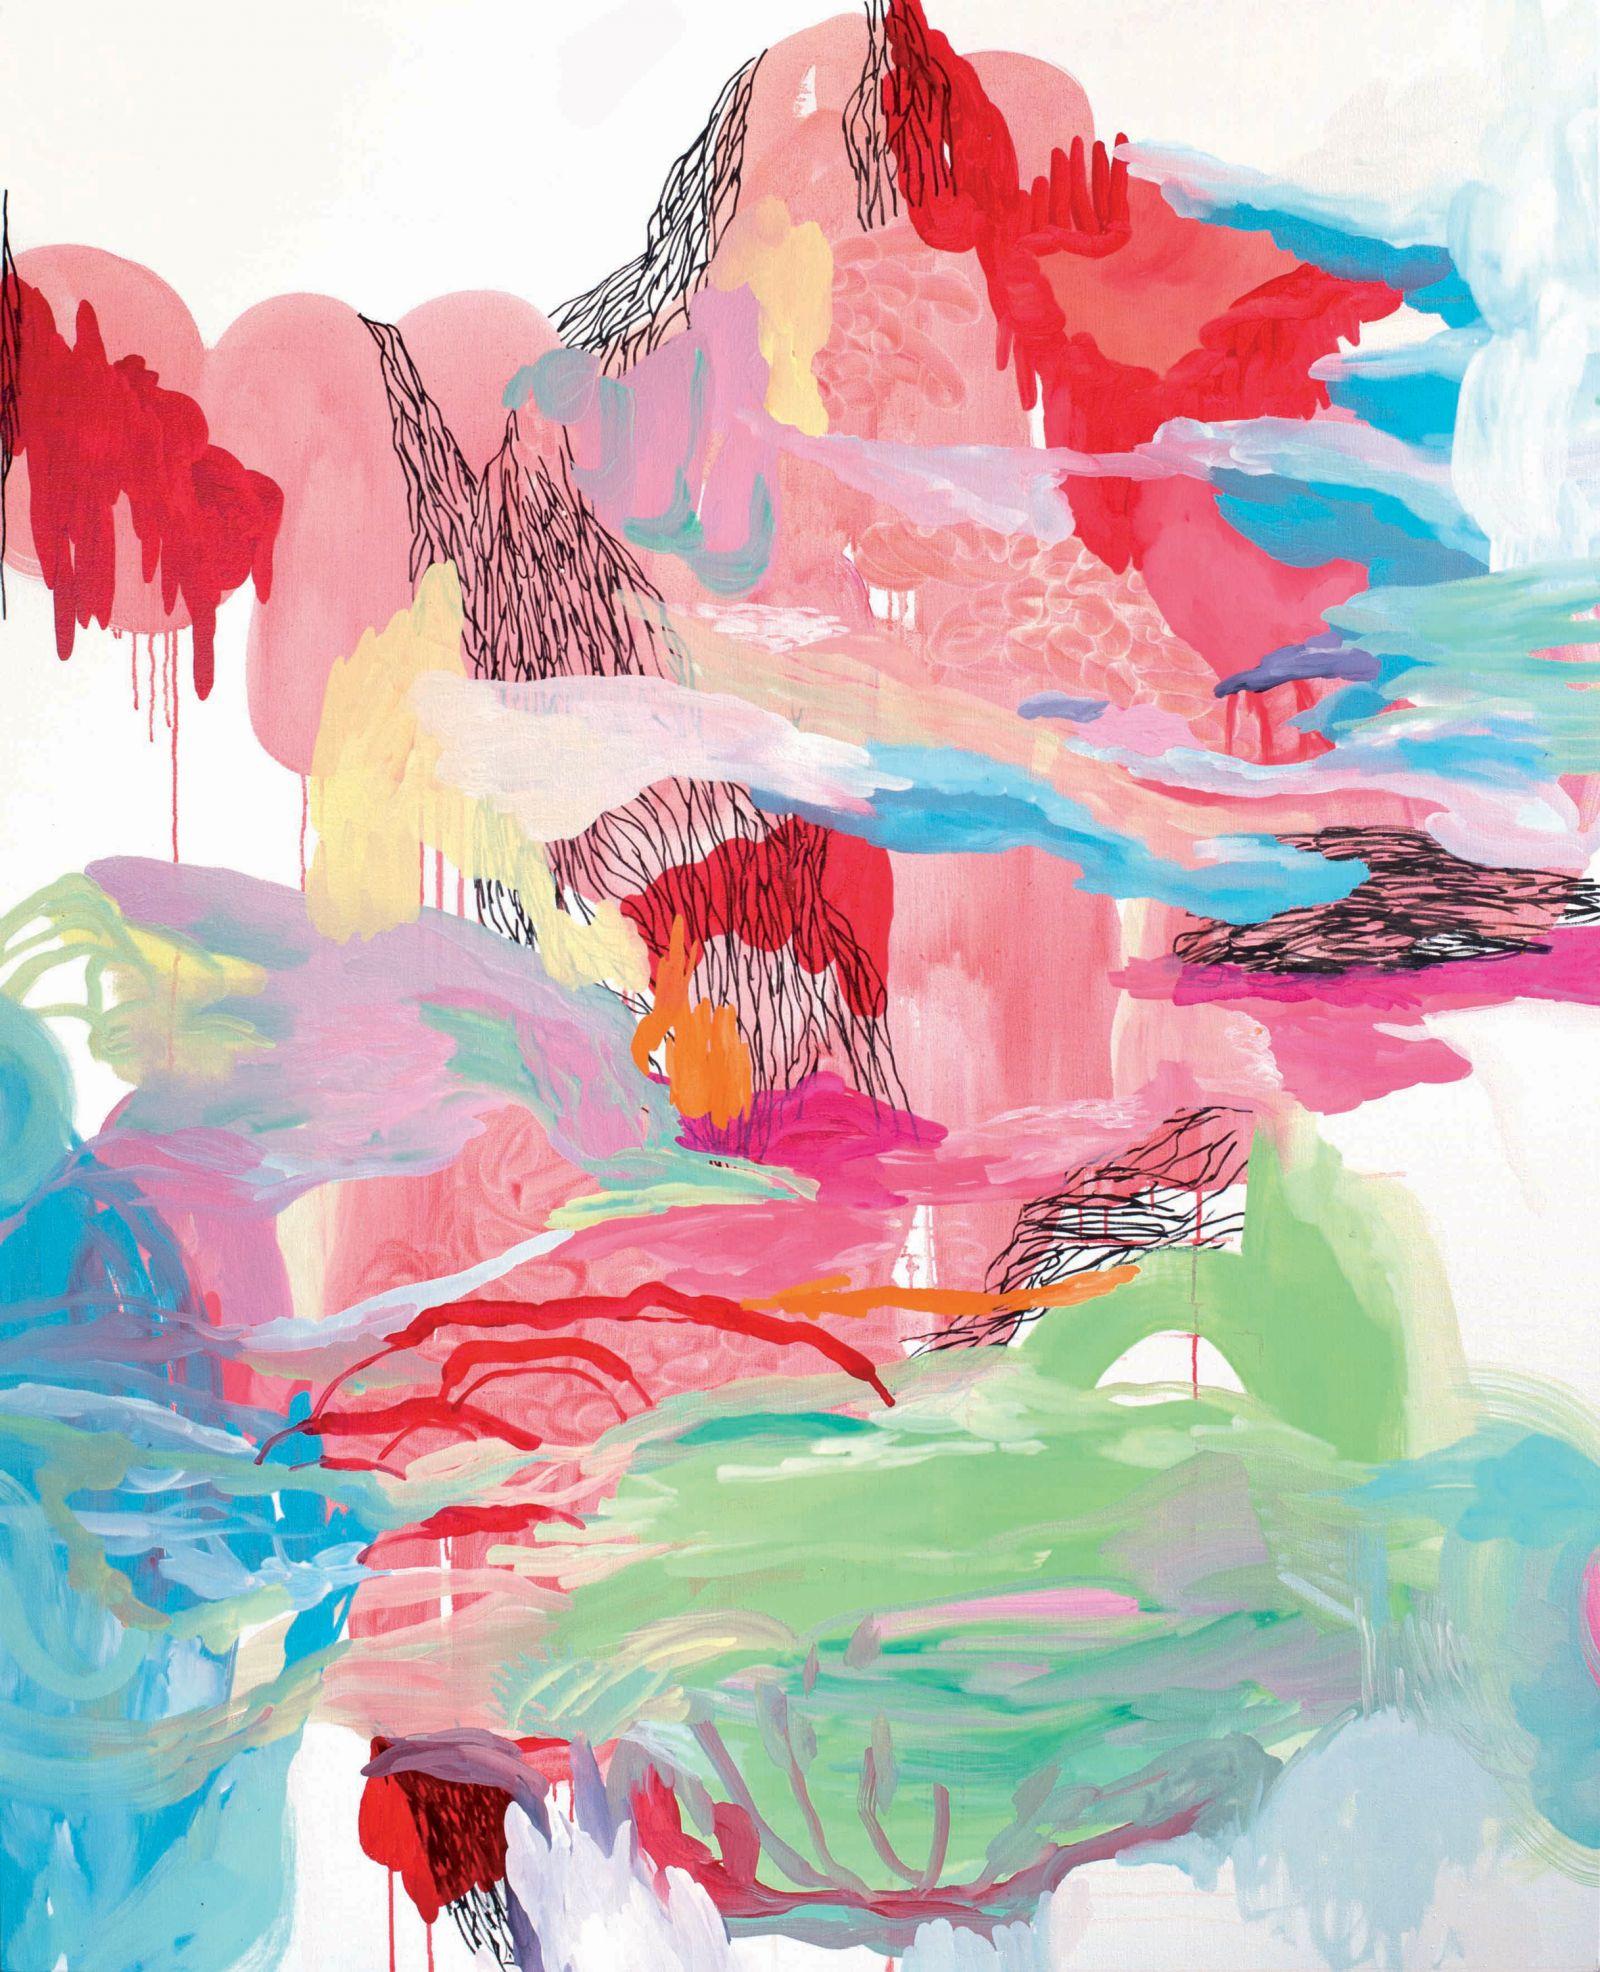 armelle-de-sainte-marie-odyssee-24-2015-huile-sur-toile-162x130cm-e6796c36b30ec81ba2b4127b1f1a4a6b